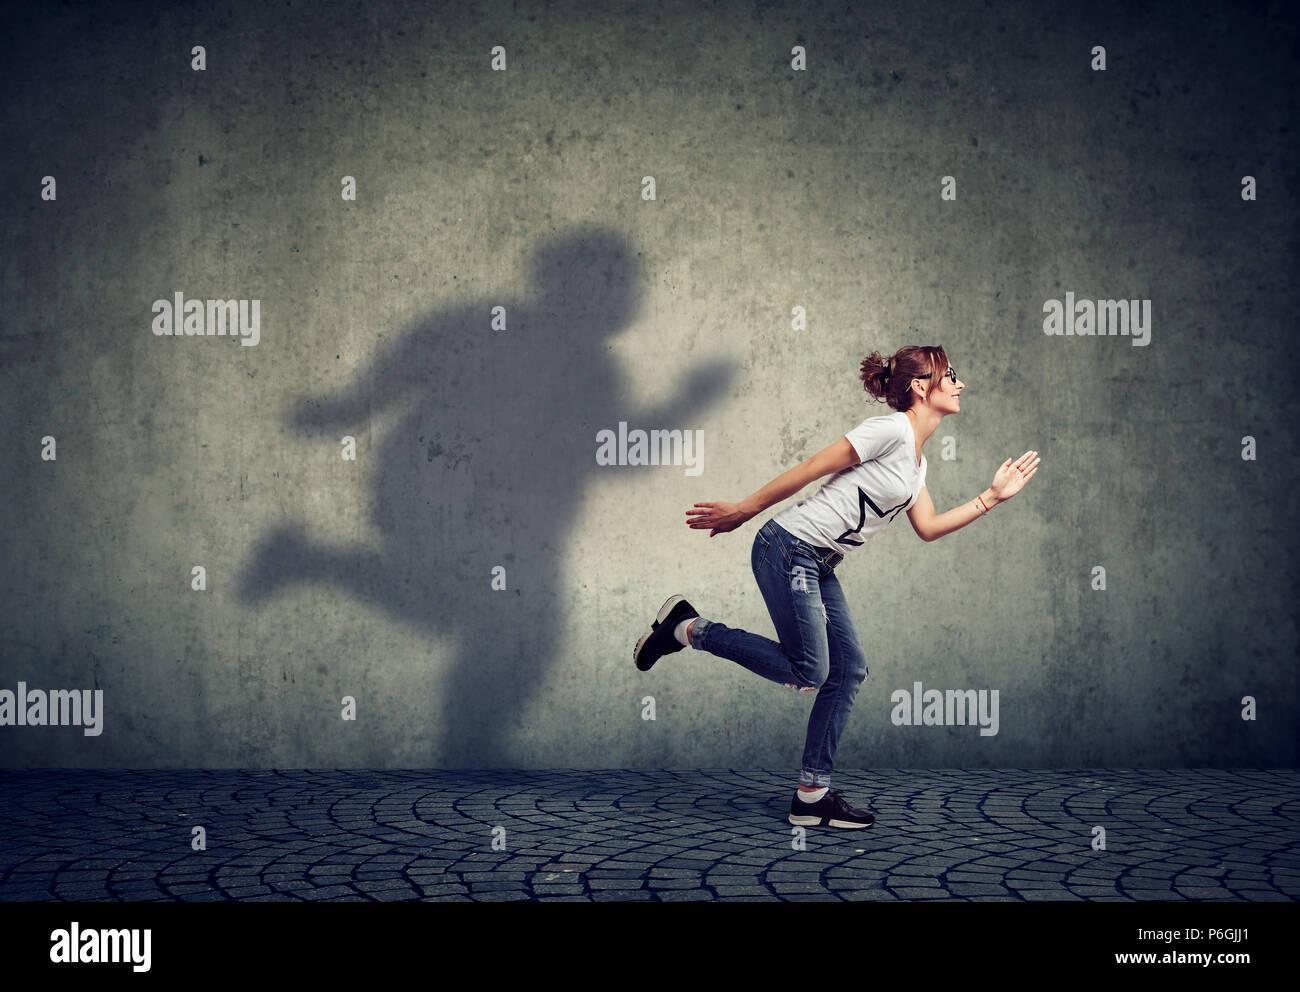 Donna di scappare dalla sua ombra di grasso sulla parete. Il controllo del peso corporeo concept Immagini Stock